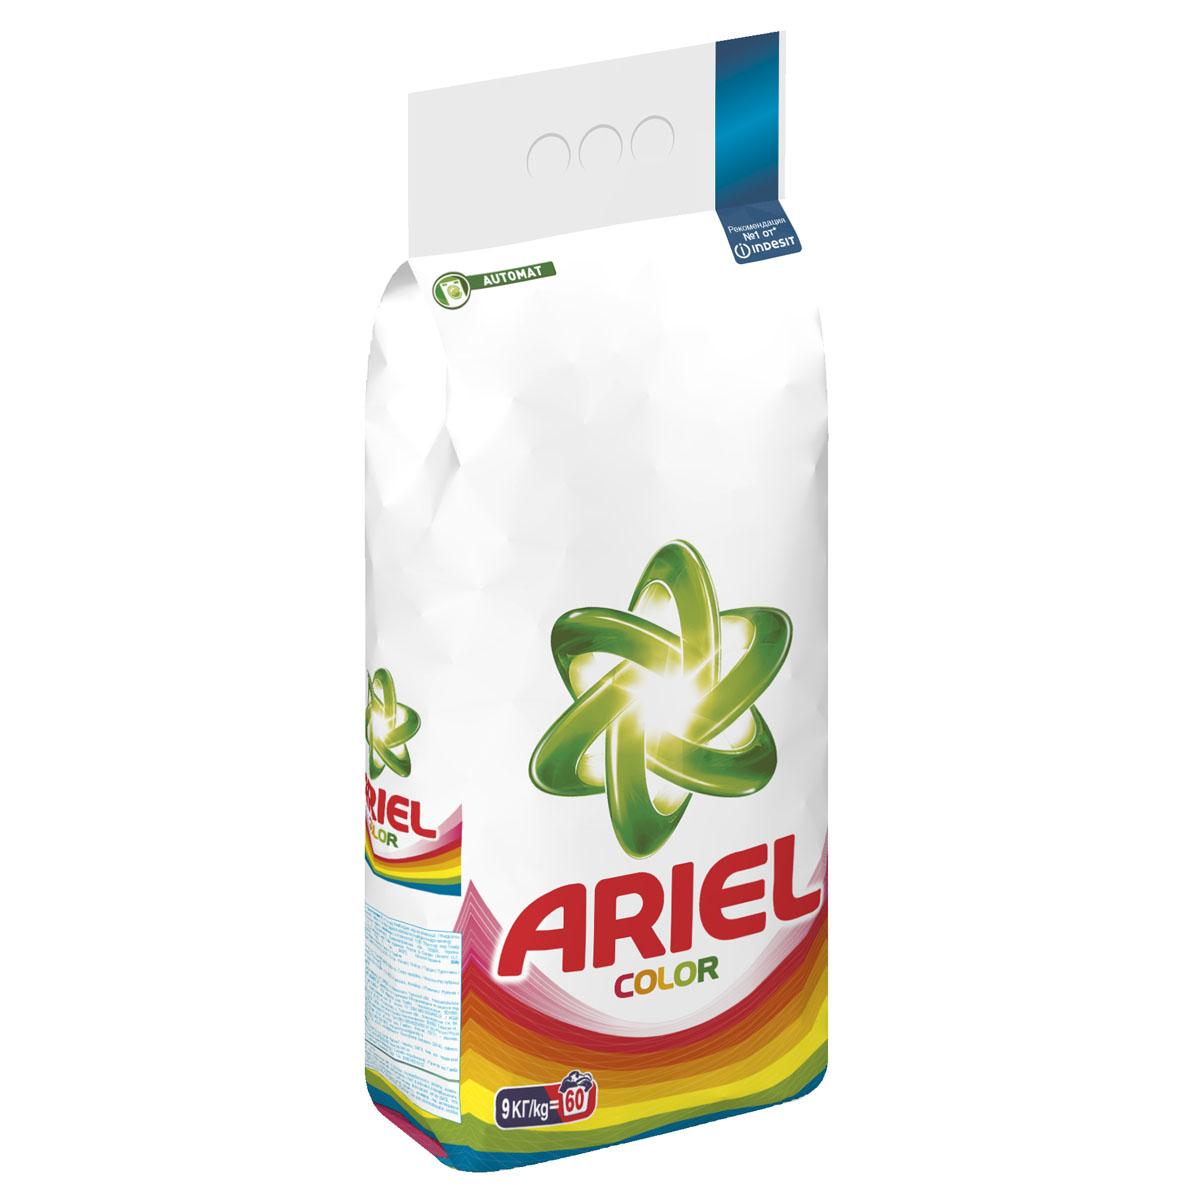 Стиральный порошок Ariel Color & Style, автомат, для цветных вещей, 9 кгAS-81535088Стиральный порошок Ariel Color & Style предназначен для стирки в стиральных машинах любого типа. Он эффективно отстирывает различные пятна. Порошок содержит особые ингредиенты, которые помогают сохранить цвета ткани во время стирки и предают свежесть вещам. Порошок содержит компоненты, помогающие защитить стиральную машину от накипи и известкового налета.